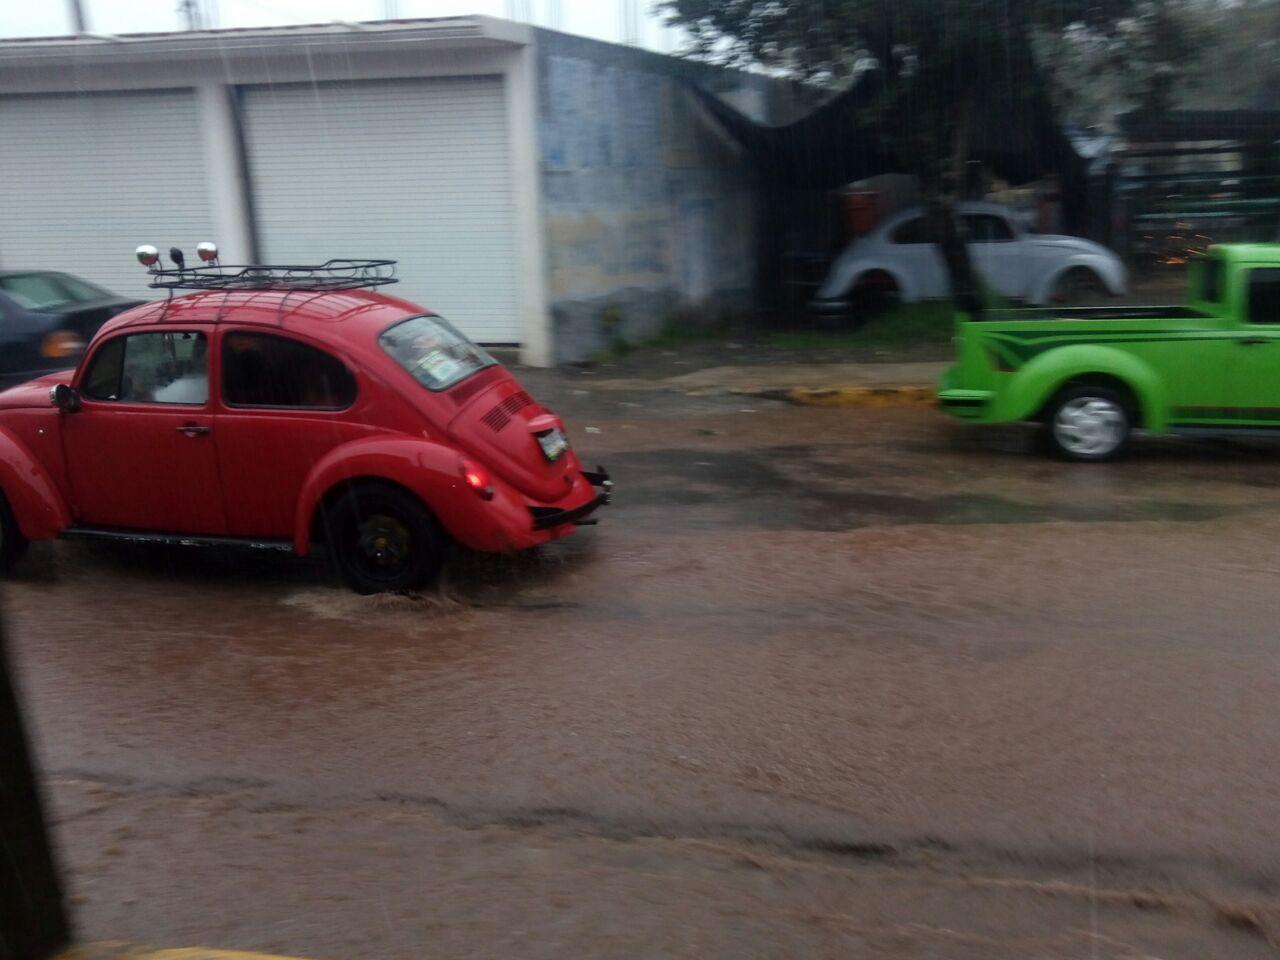 Lluvias del FF 6 expone la contaminación de mantos acuíferosen Huayacocotla